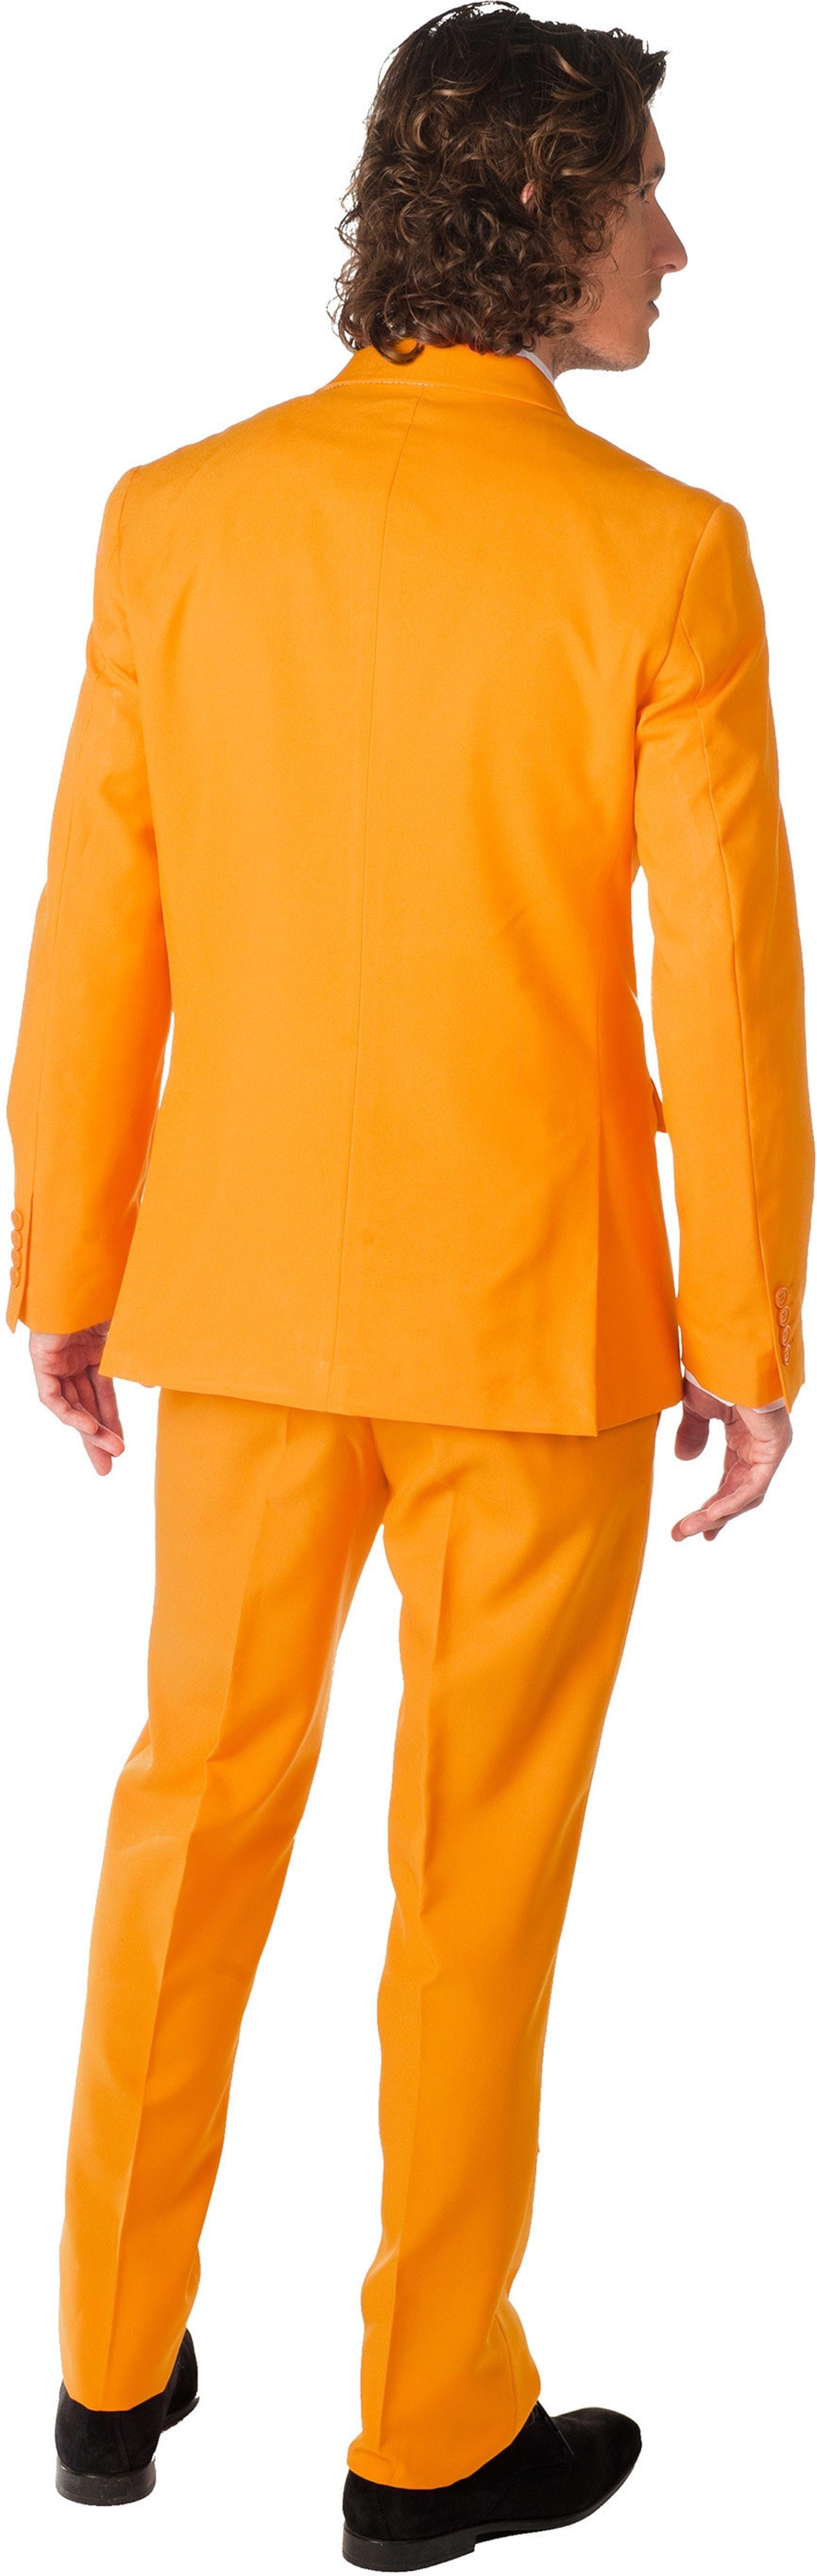 OppoSuits Oranje Kostuum foto 1